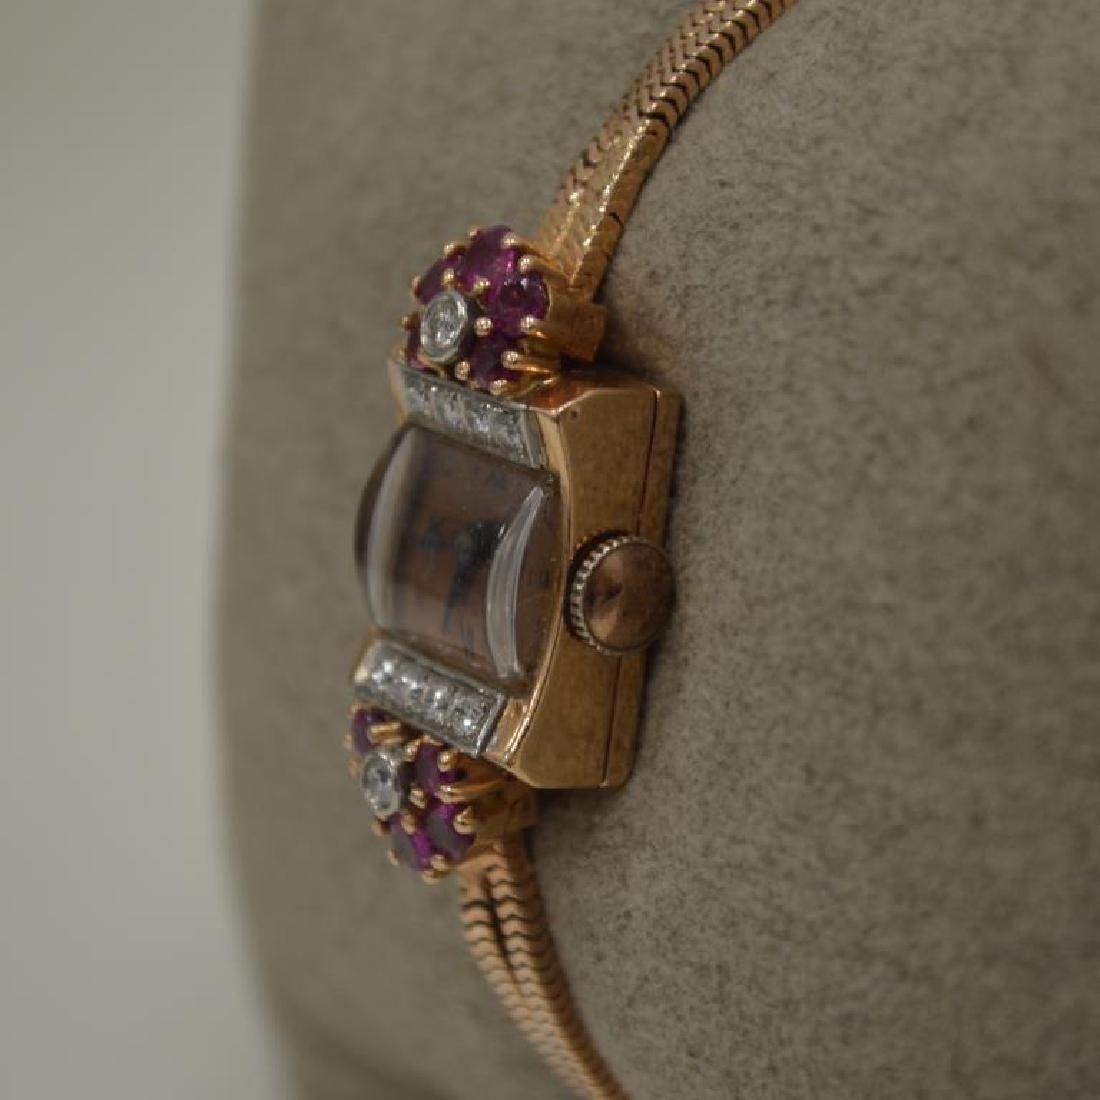 14kt rose gold vintage dress watch - 3